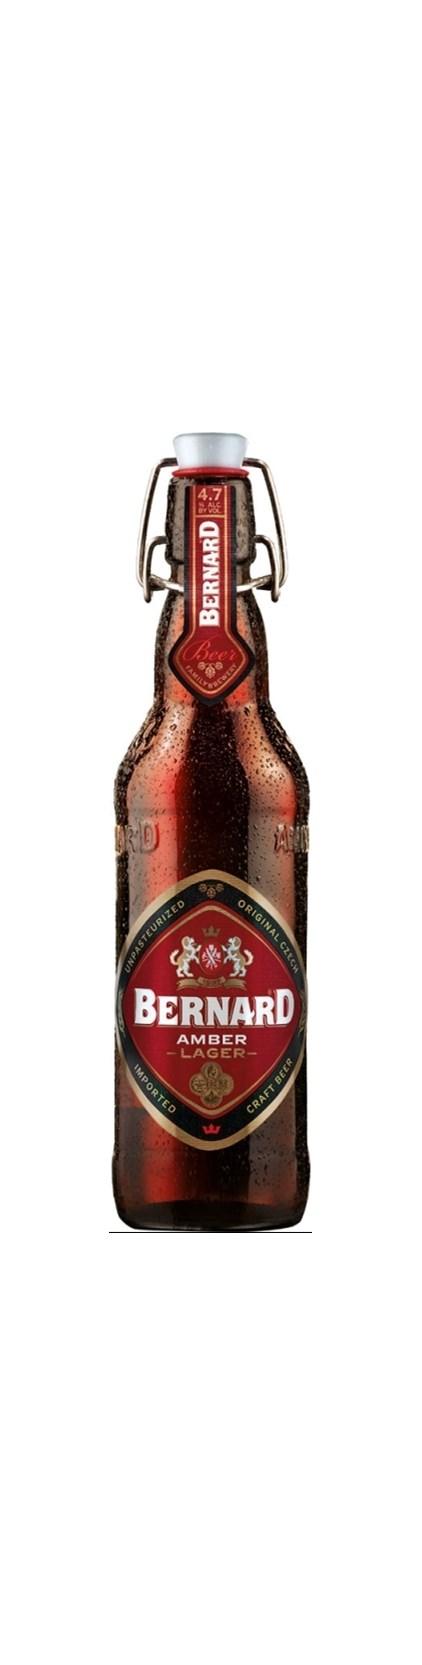 Bernard Amber Lager 500ml